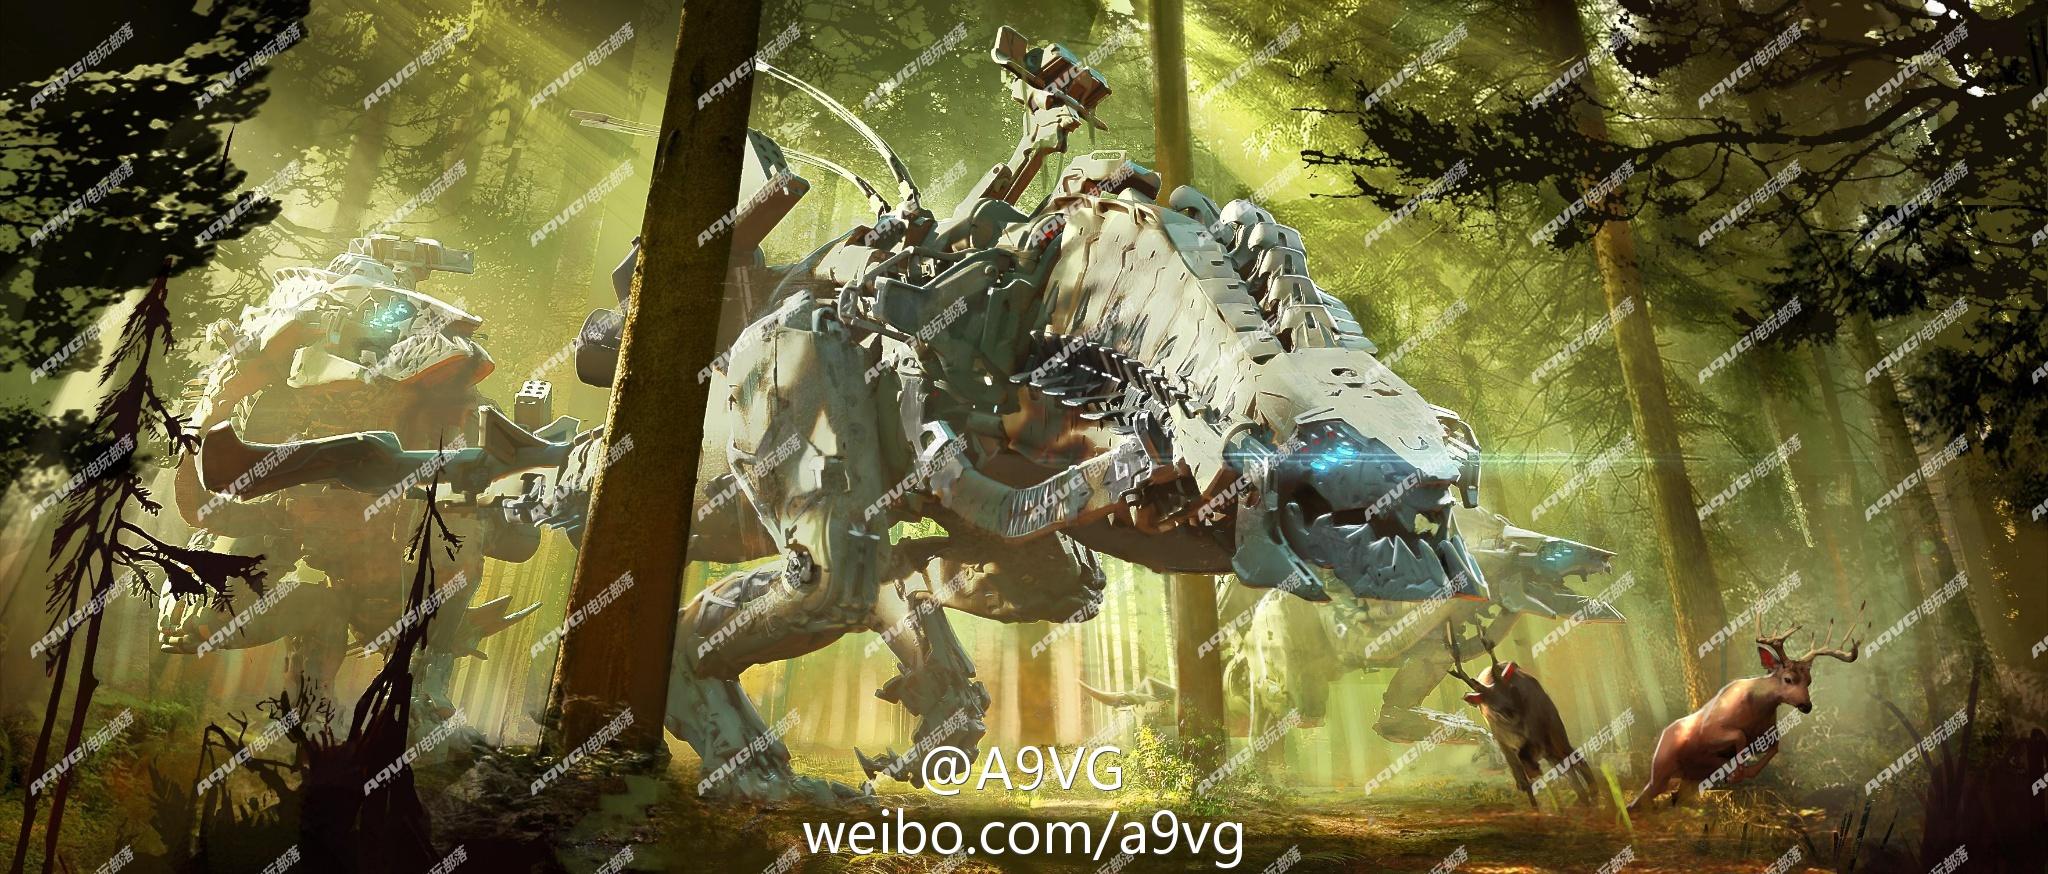 Nová hra od tvůrců Killzone ponese název Horizon 100599